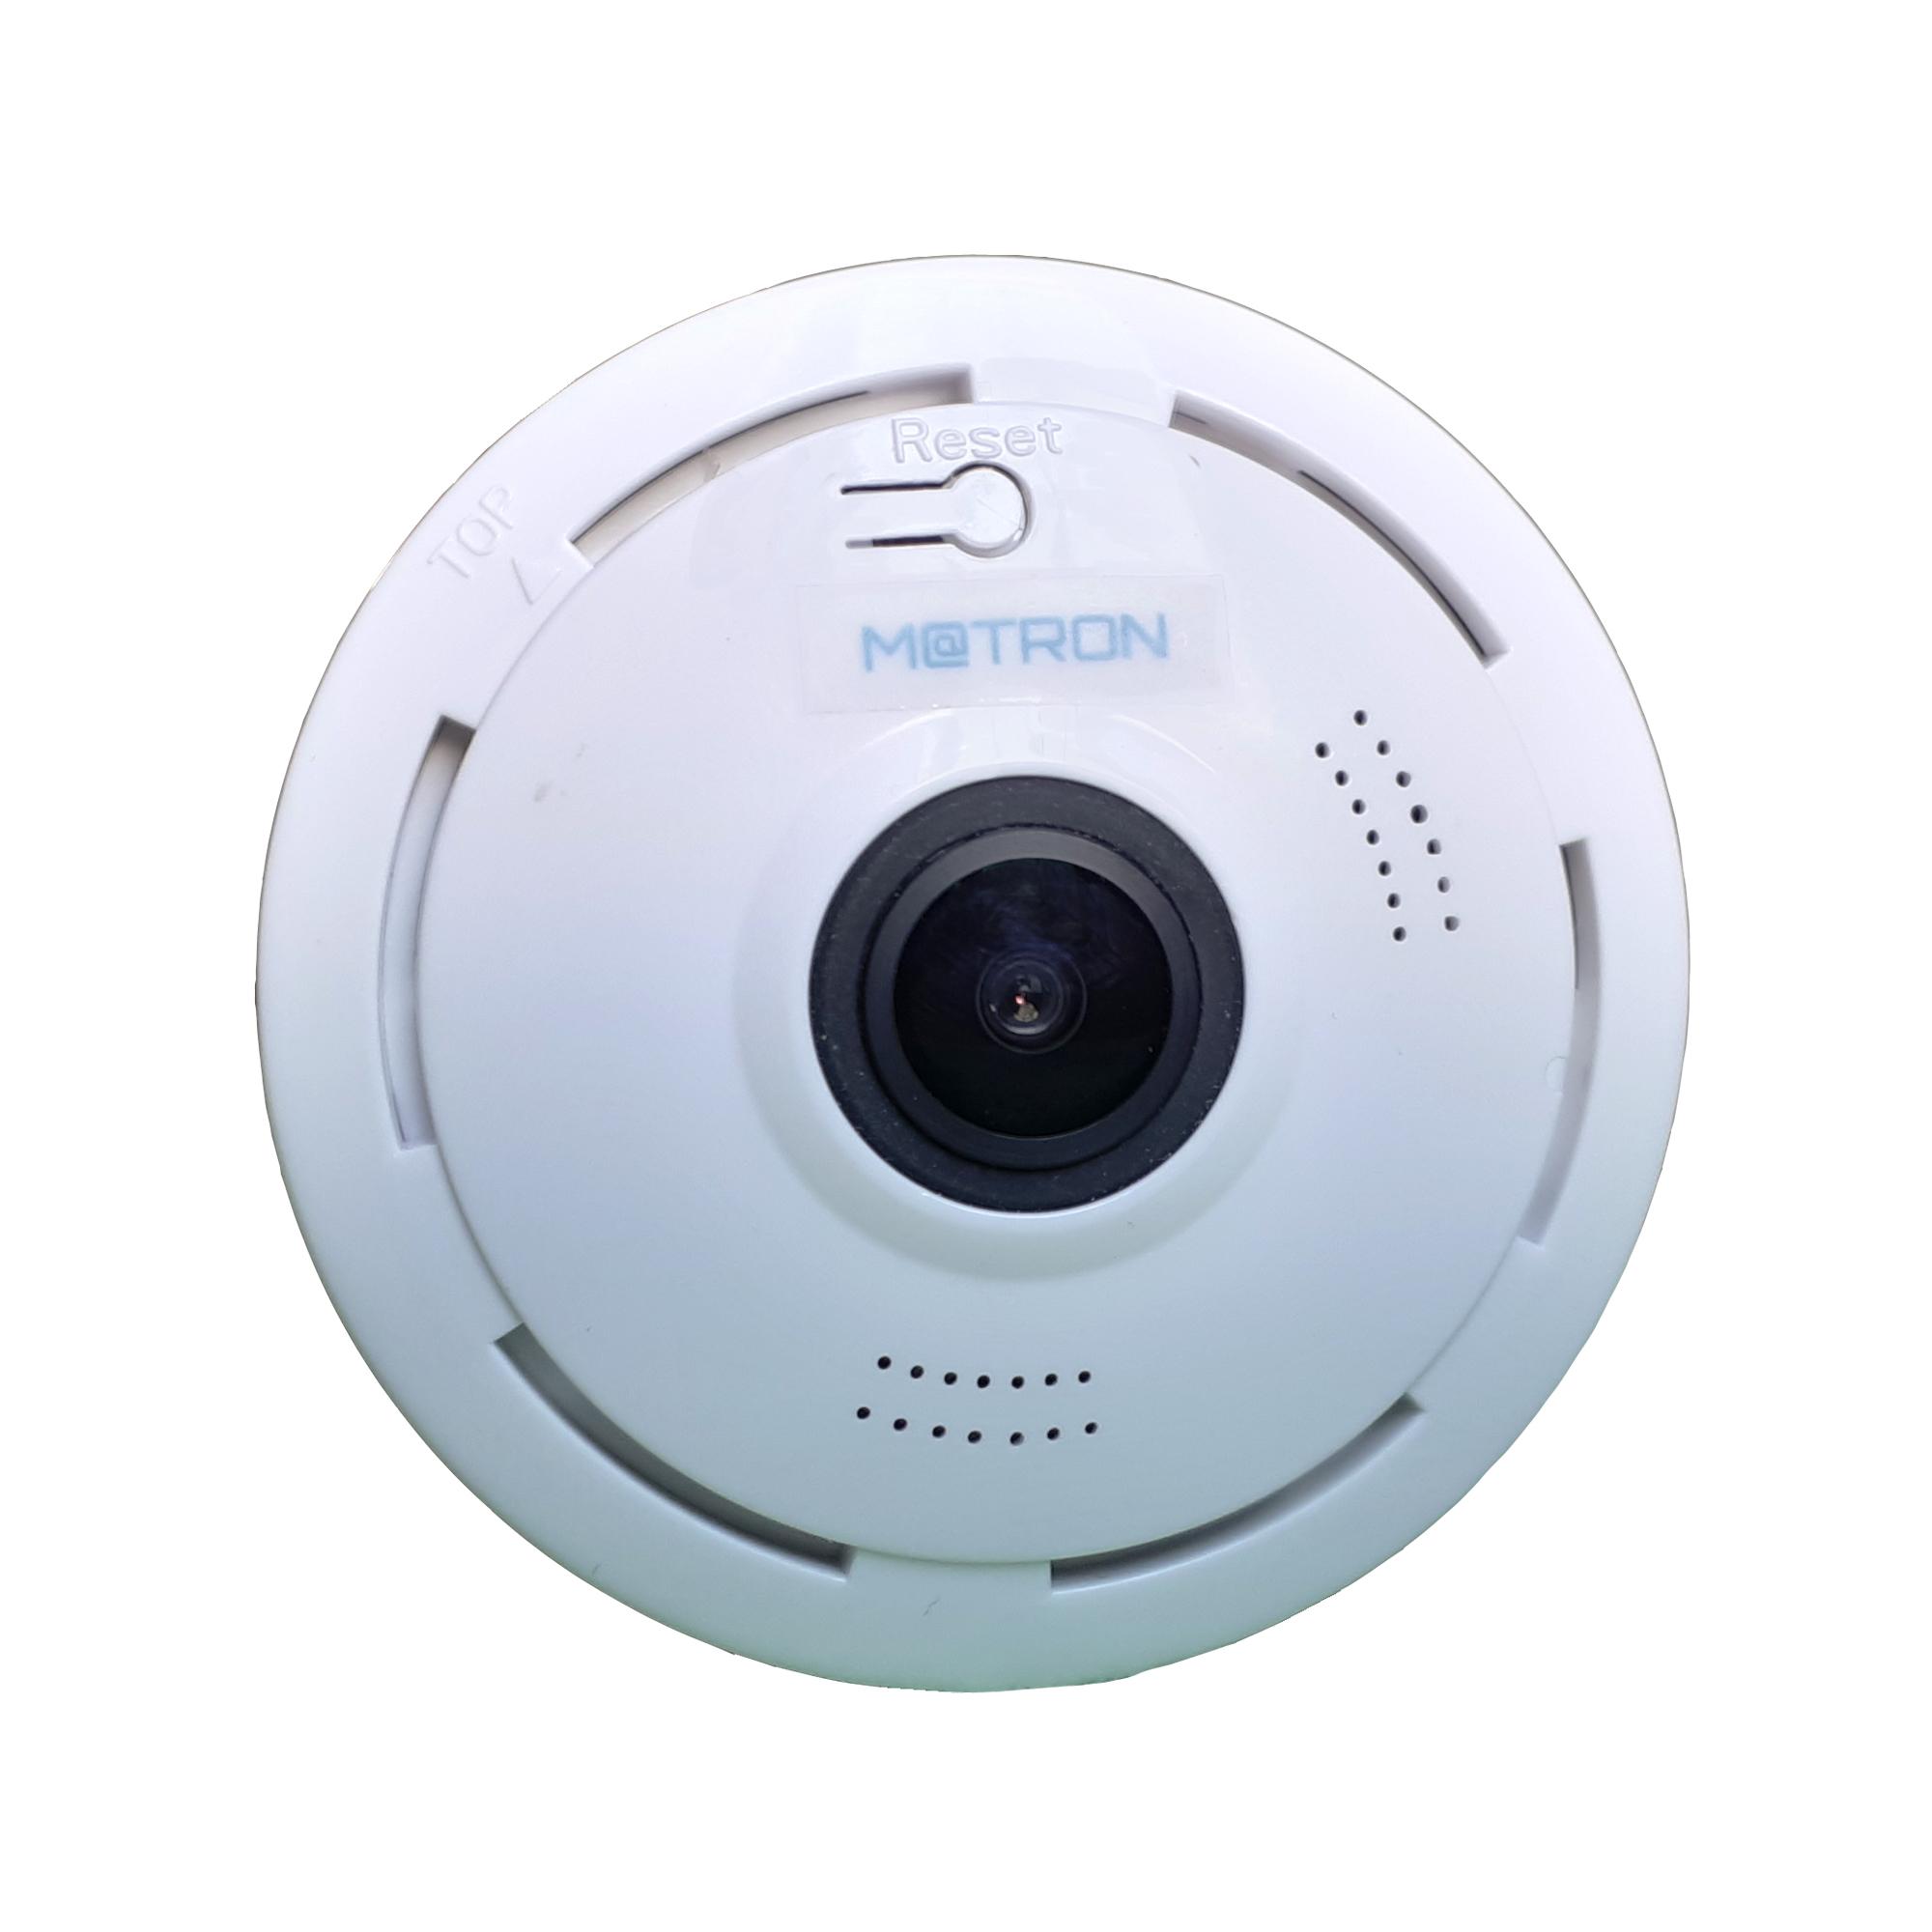 بررسی و {خرید با تخفیف} دوربین مدار بسته تحت شبکه ماترون مدل V380S wifi sgw اصل